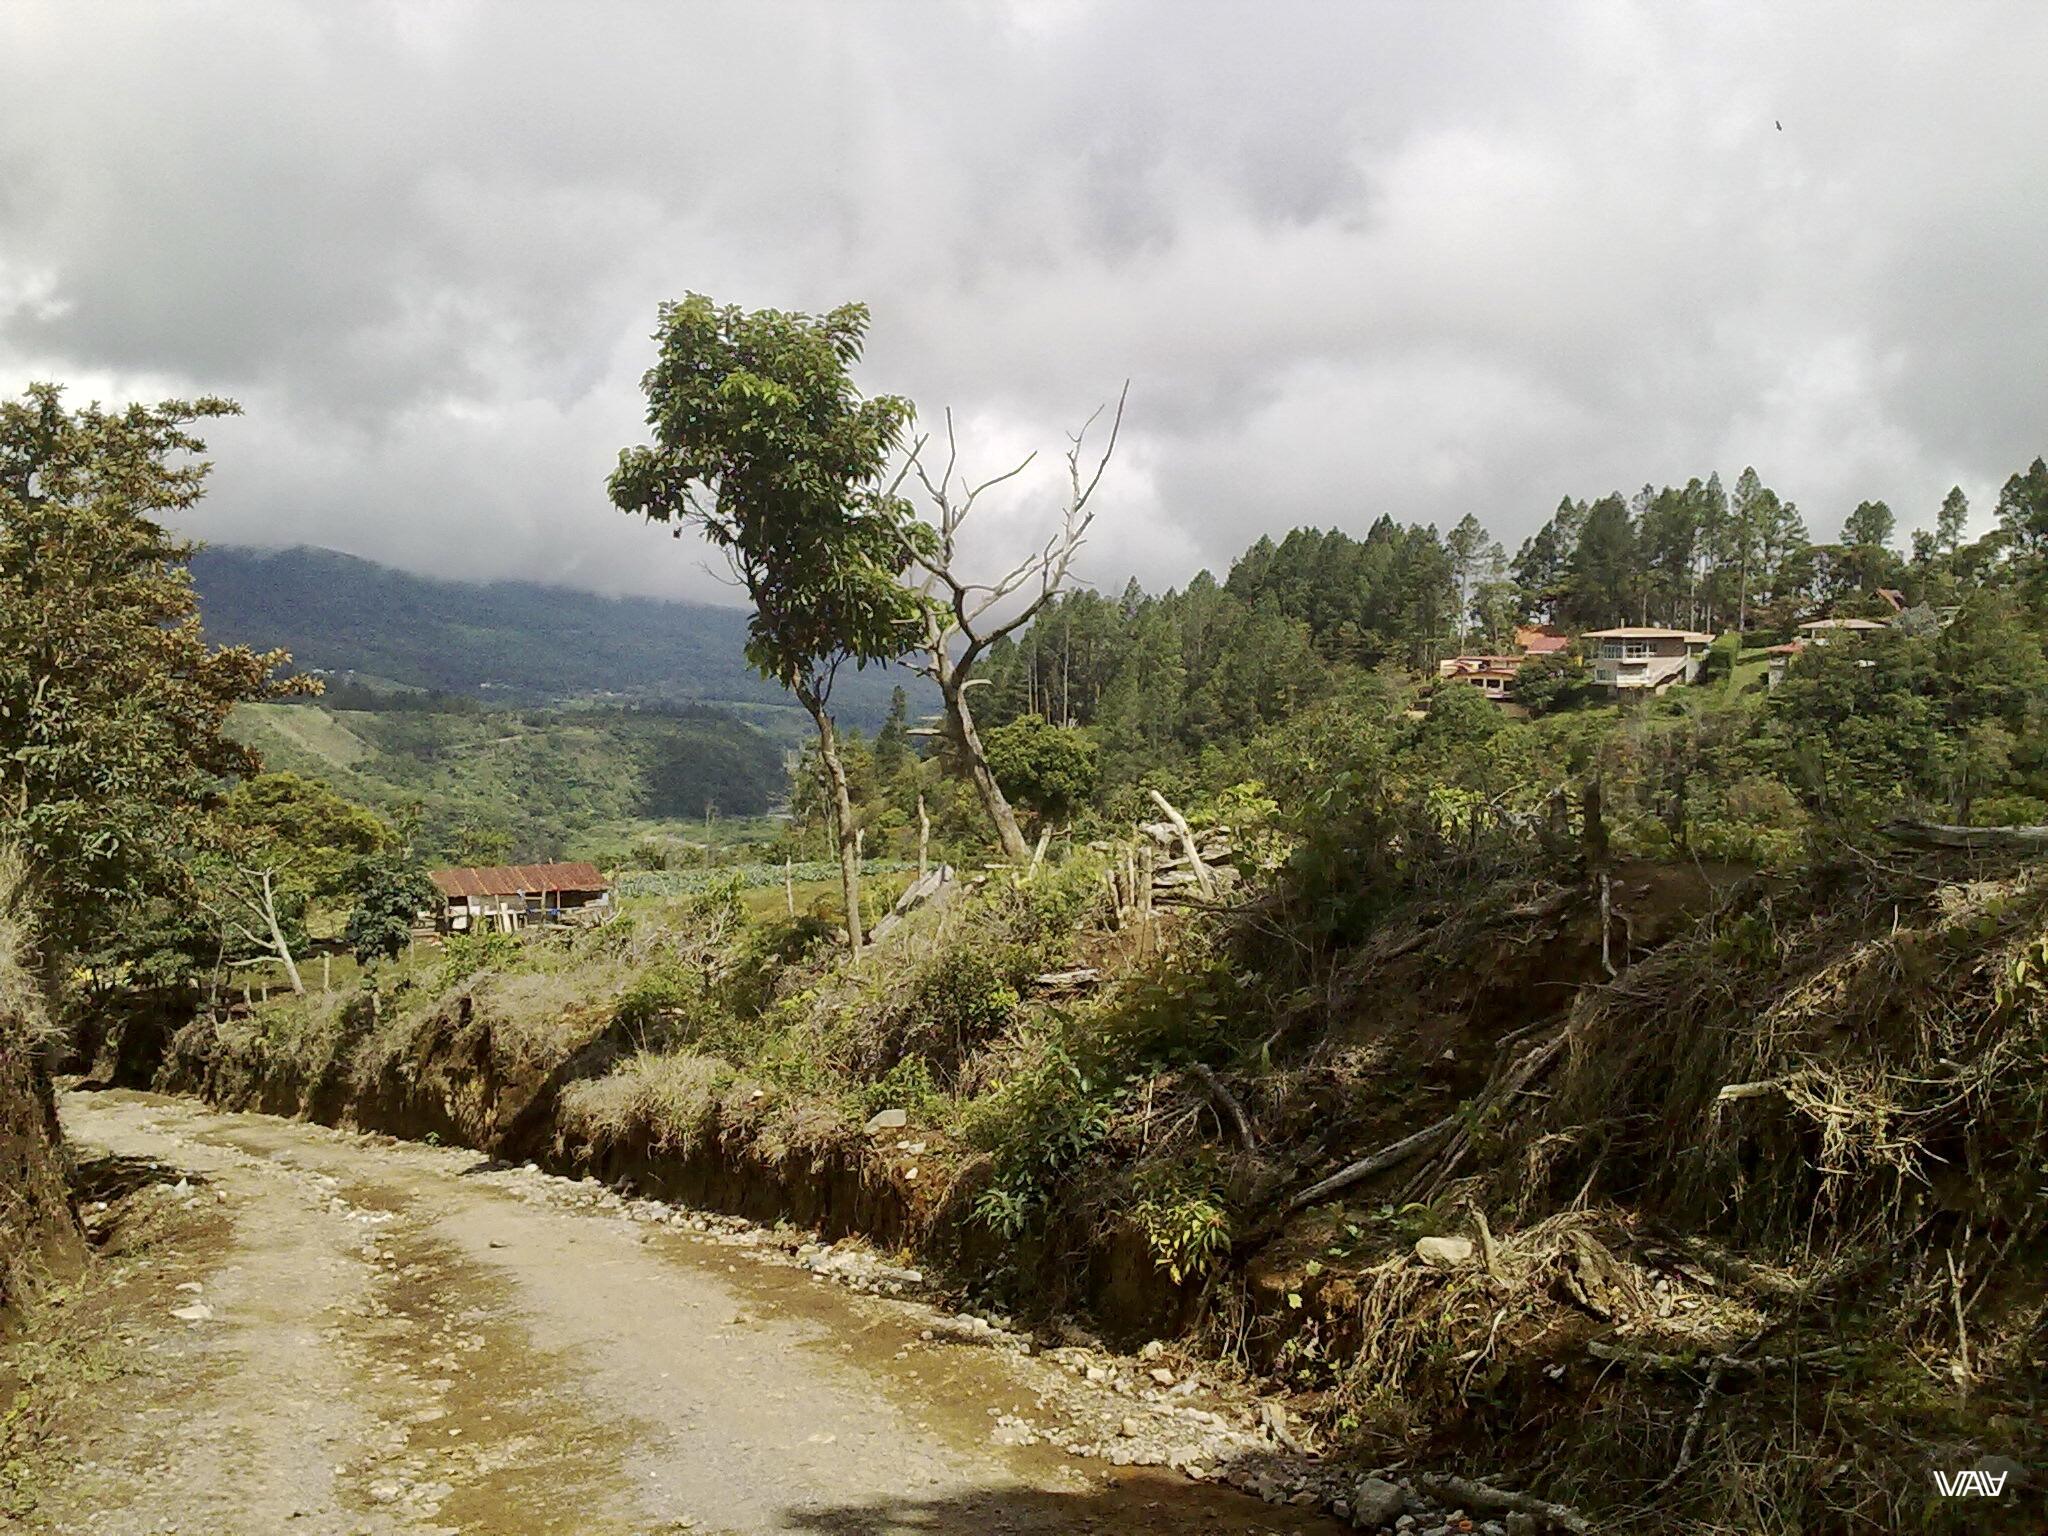 Горно-облачные пейзажи Бахо Бокете, Панама